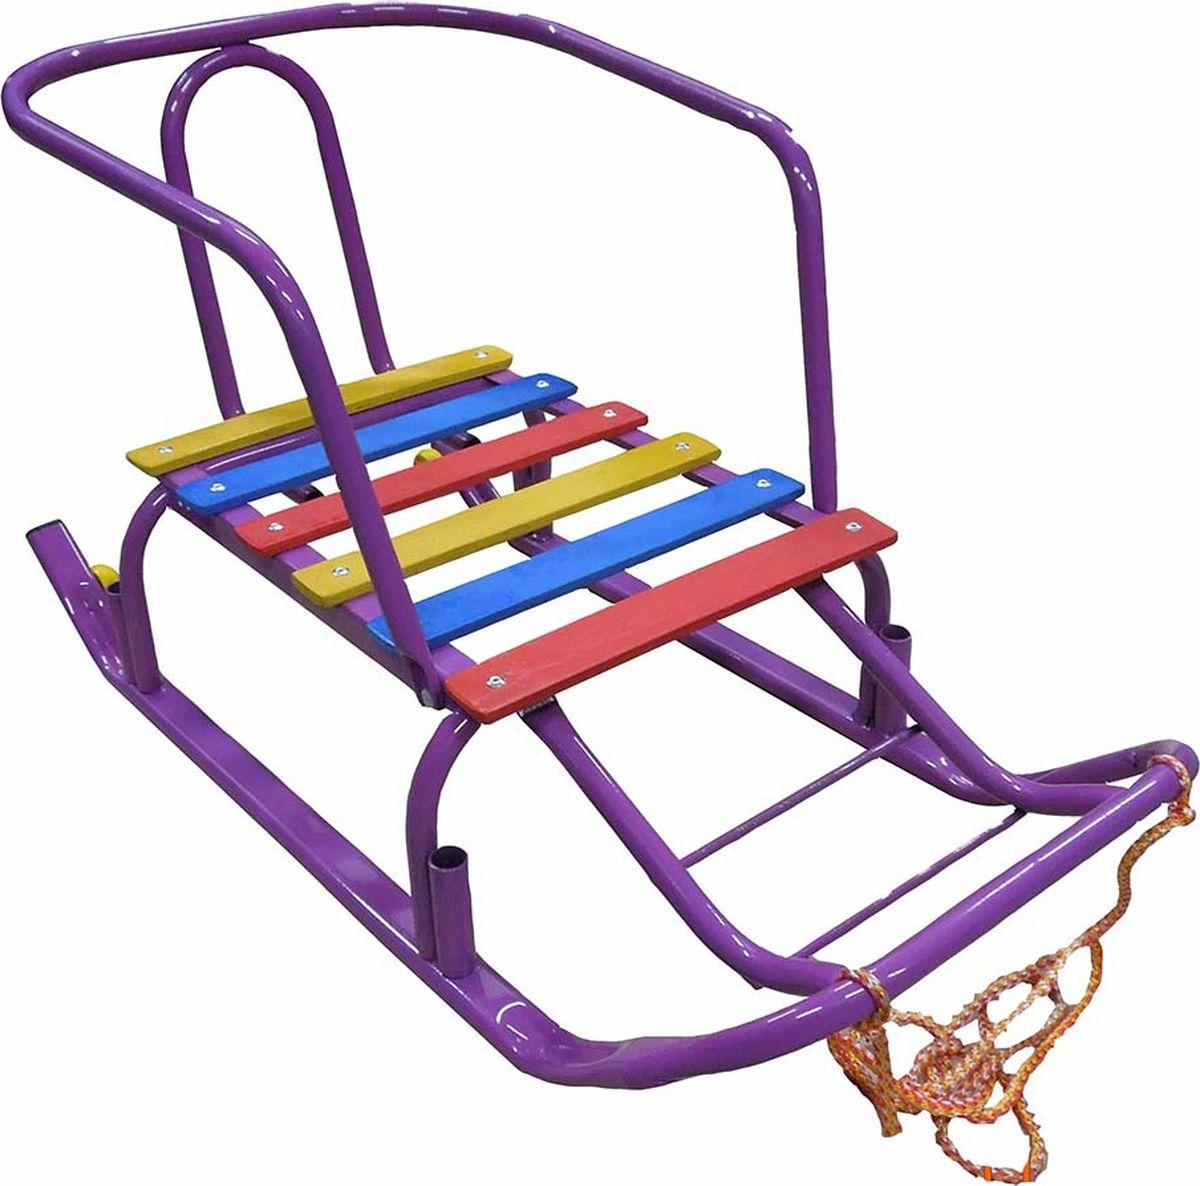 """Санки детские Эх, Прокачу! """"Лидер-2"""", с колесиками, цвет: фиолетовый, 75 x 35 x 40 см"""